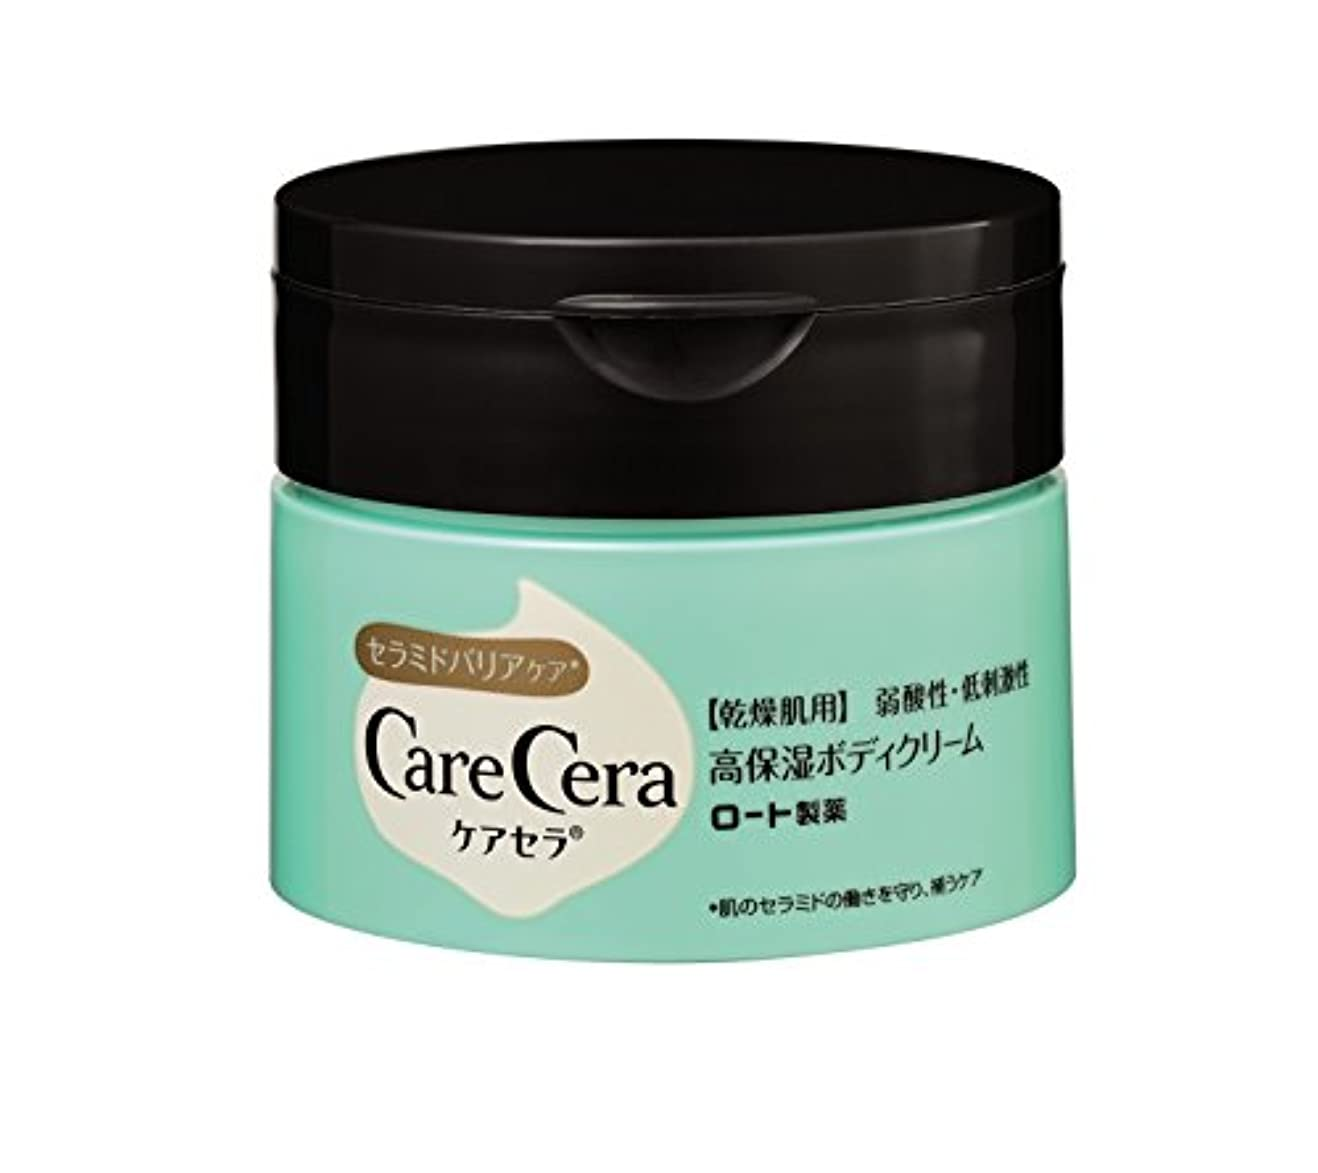 利得技術者ドループCareCera(ケアセラ) 高保湿 ボディクリーム 100g